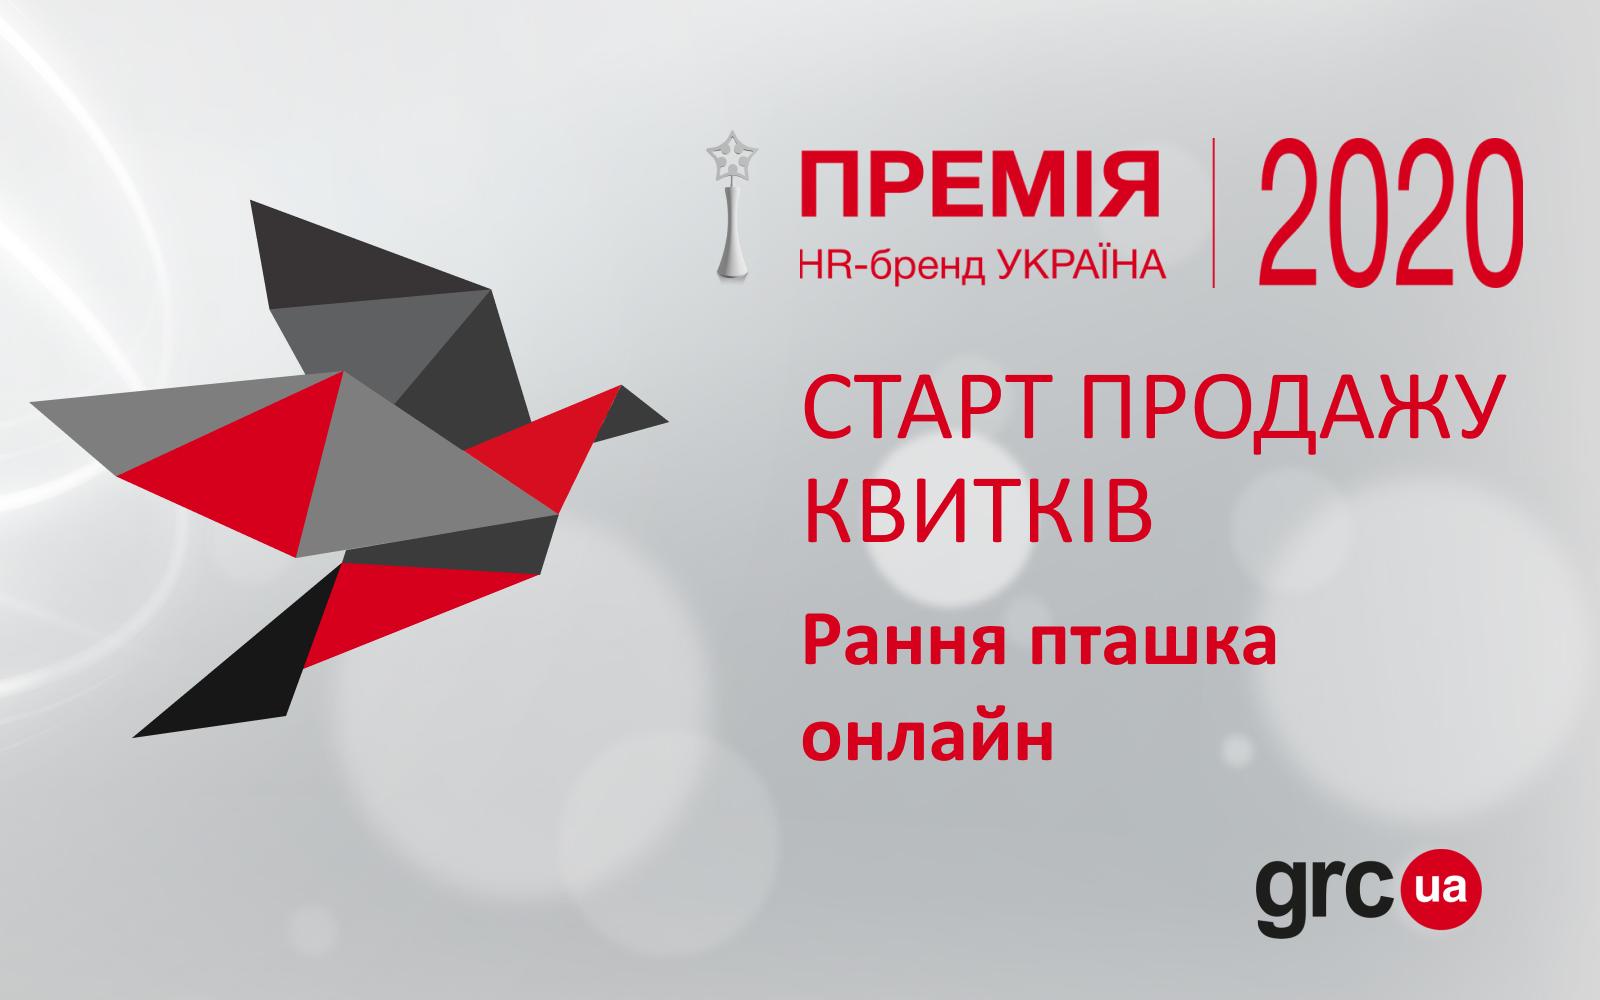 Премія HR-бренд Україна 2020: запрошуємо ранніх пташок на знижки!